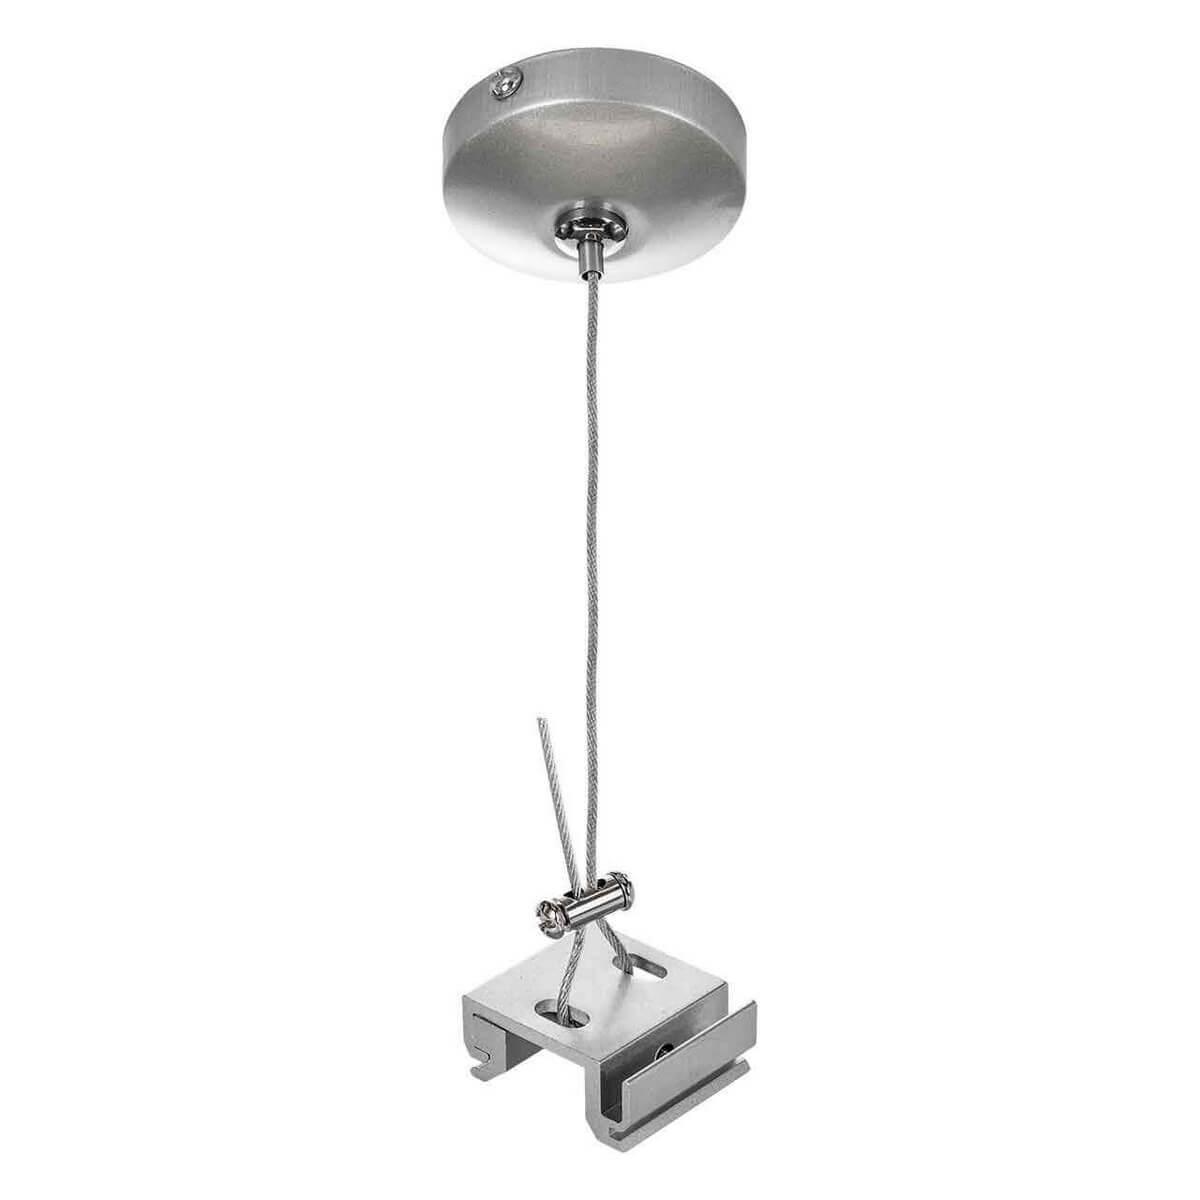 Подвесной комплект Lightstar 504179 Barra Gray (для трехфазного или однофазного шинопровода)